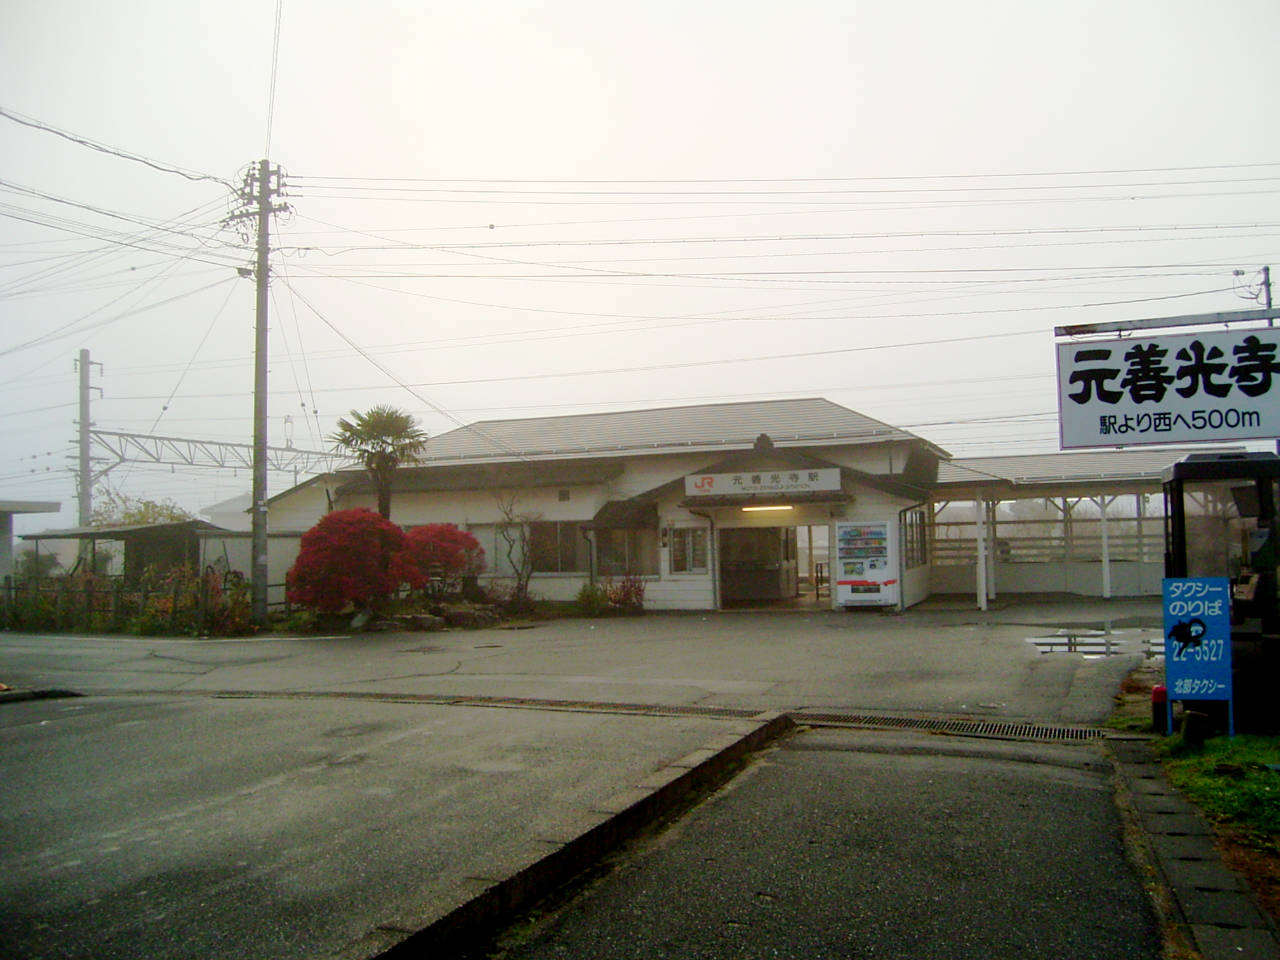 모토젠코지 역